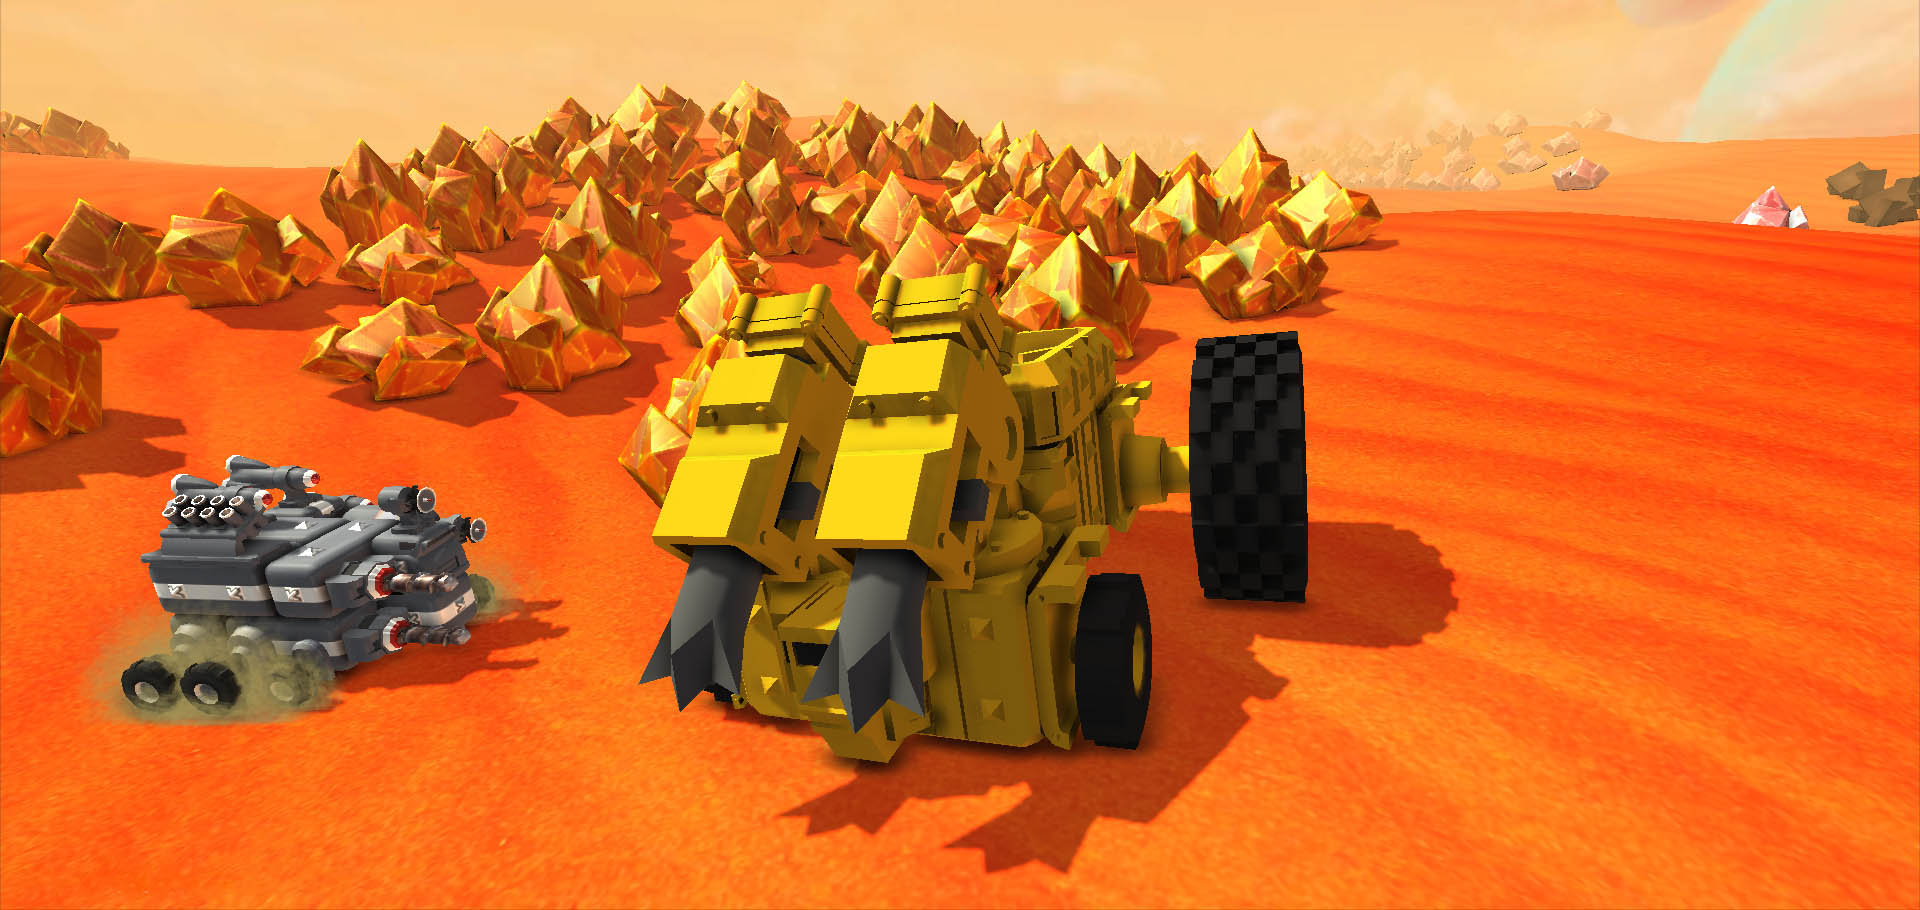 Скриншоты к TerraTech v1.0 (32/64 bit) - песочница-конструктор